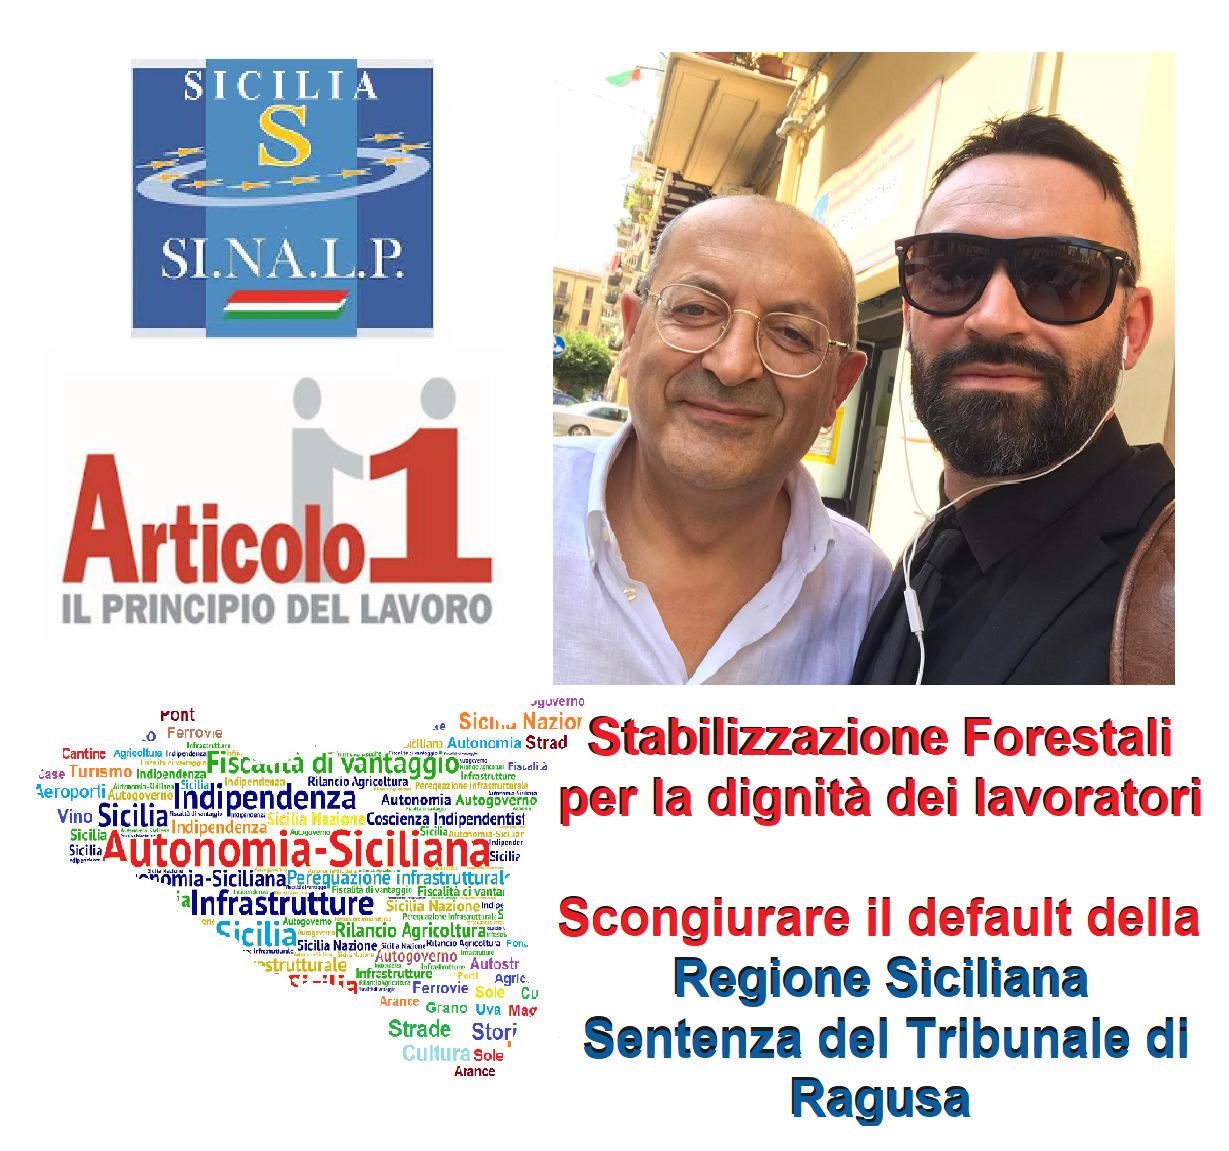 SINALP ed ARTICOLO 1 Stabilizzazione Forestali per la dignità dei lavoratori e scongiurare il default della Regione per la Sentenza del Tribunale di Ragusa